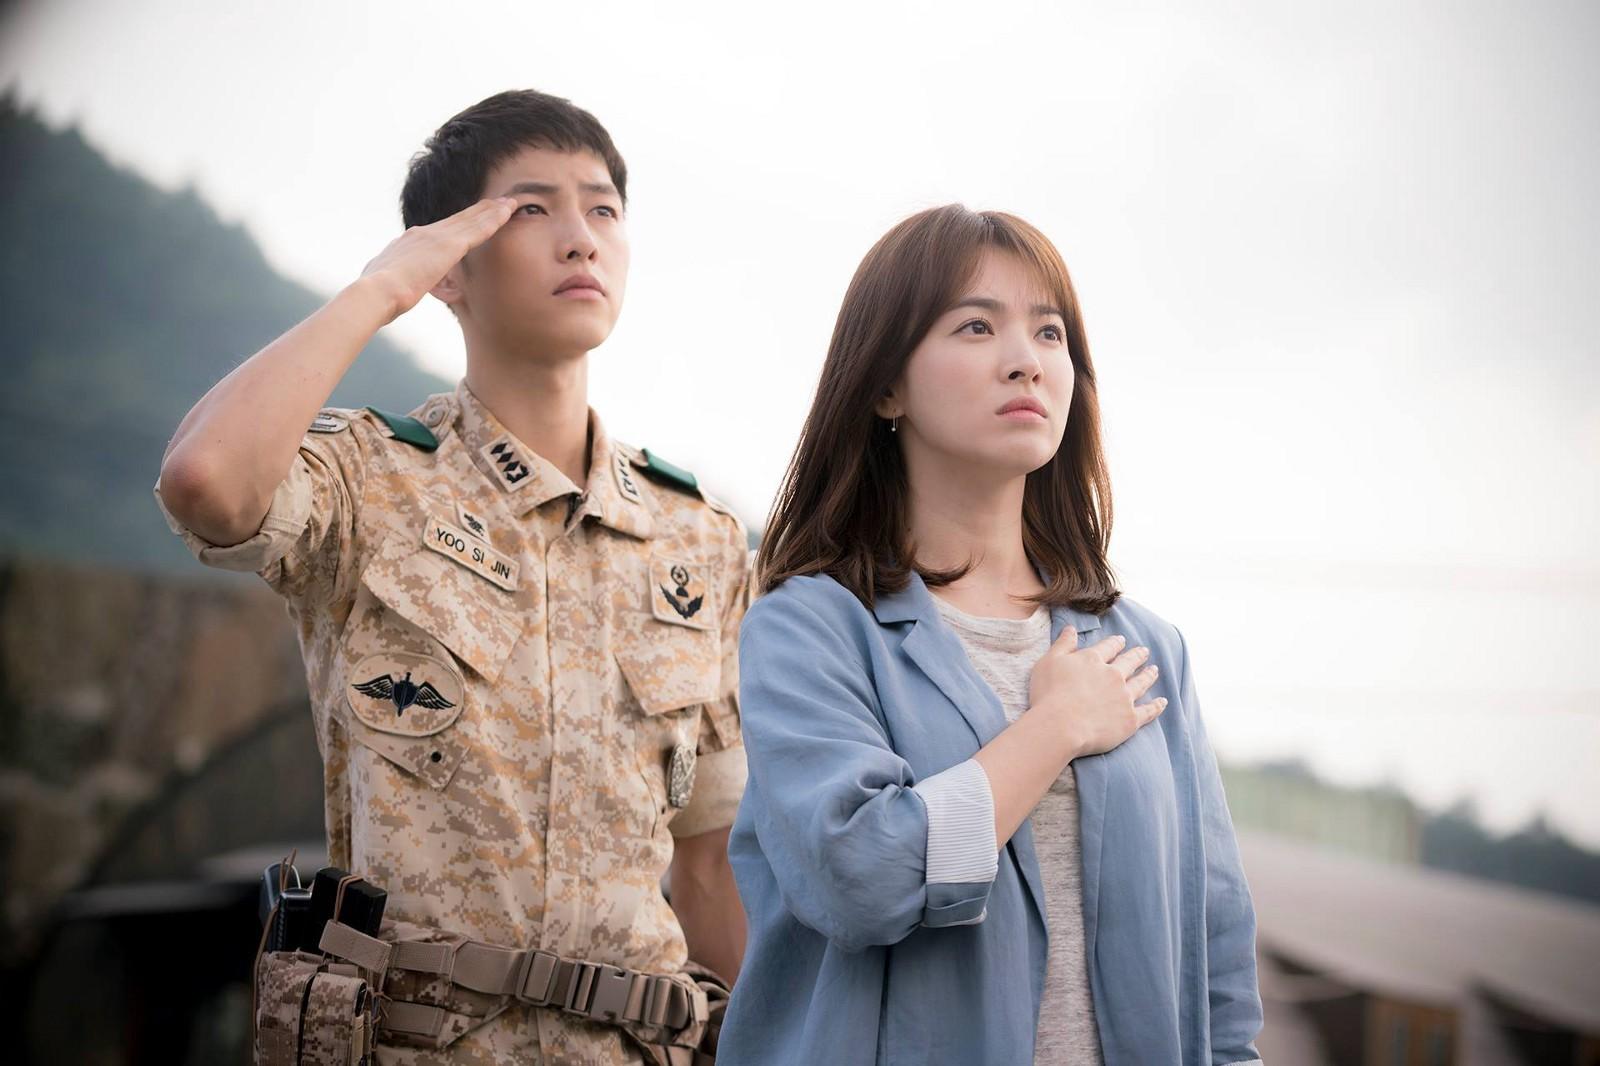 Không phải kỷ niệm ngày cưới, nhưng hôm nay lại vô cùng đặc biệt với cặp đôi Song Joong Ki và Song Hye Kyo - Ảnh 4.